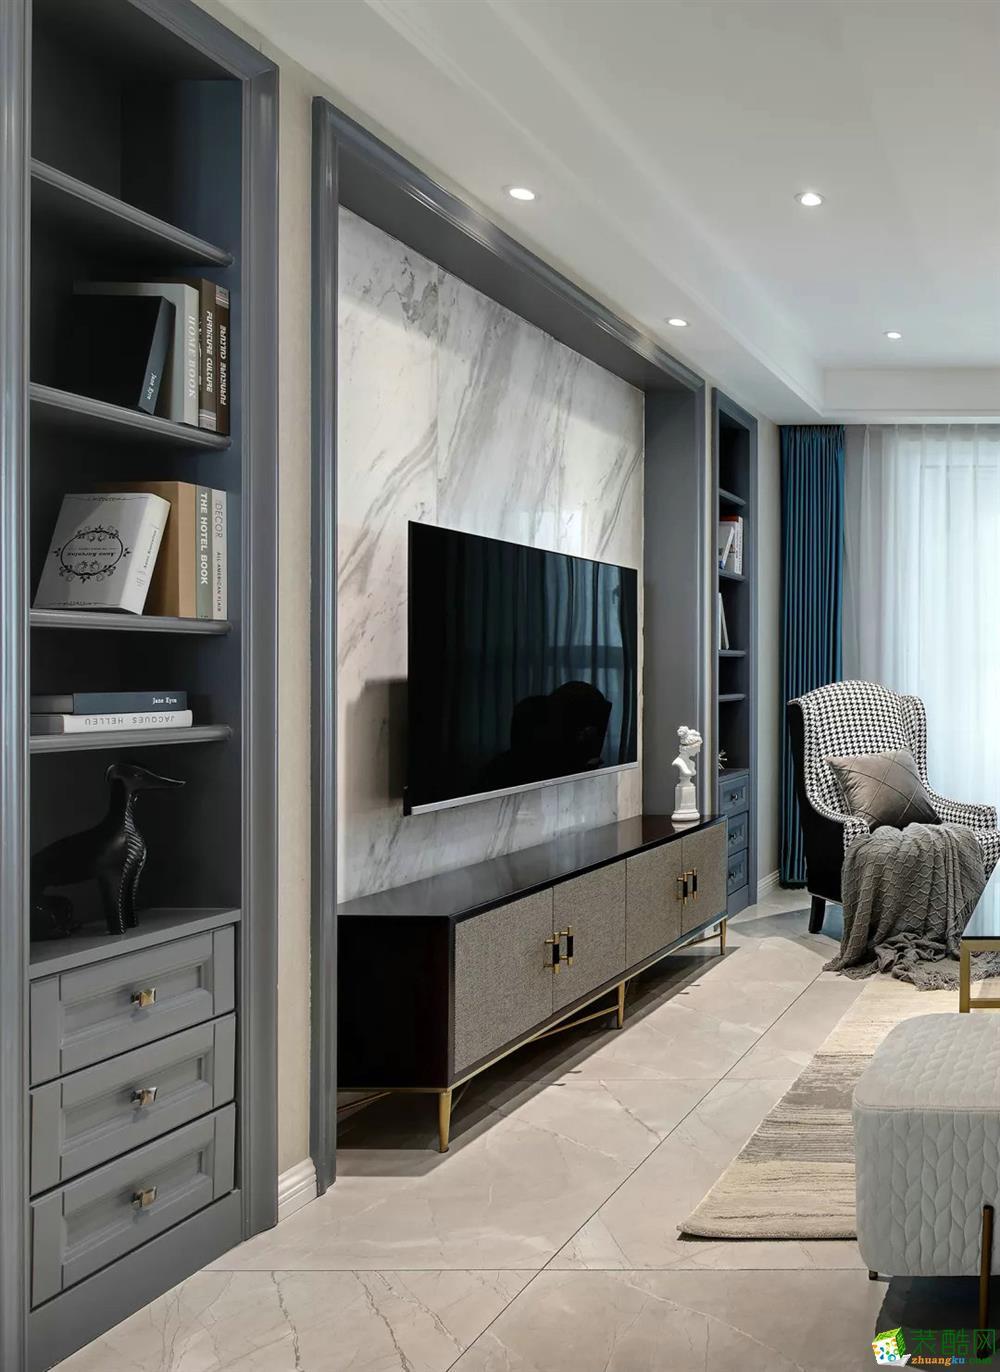 三室兩廳裝修—117平米現代風格裝修效果圖